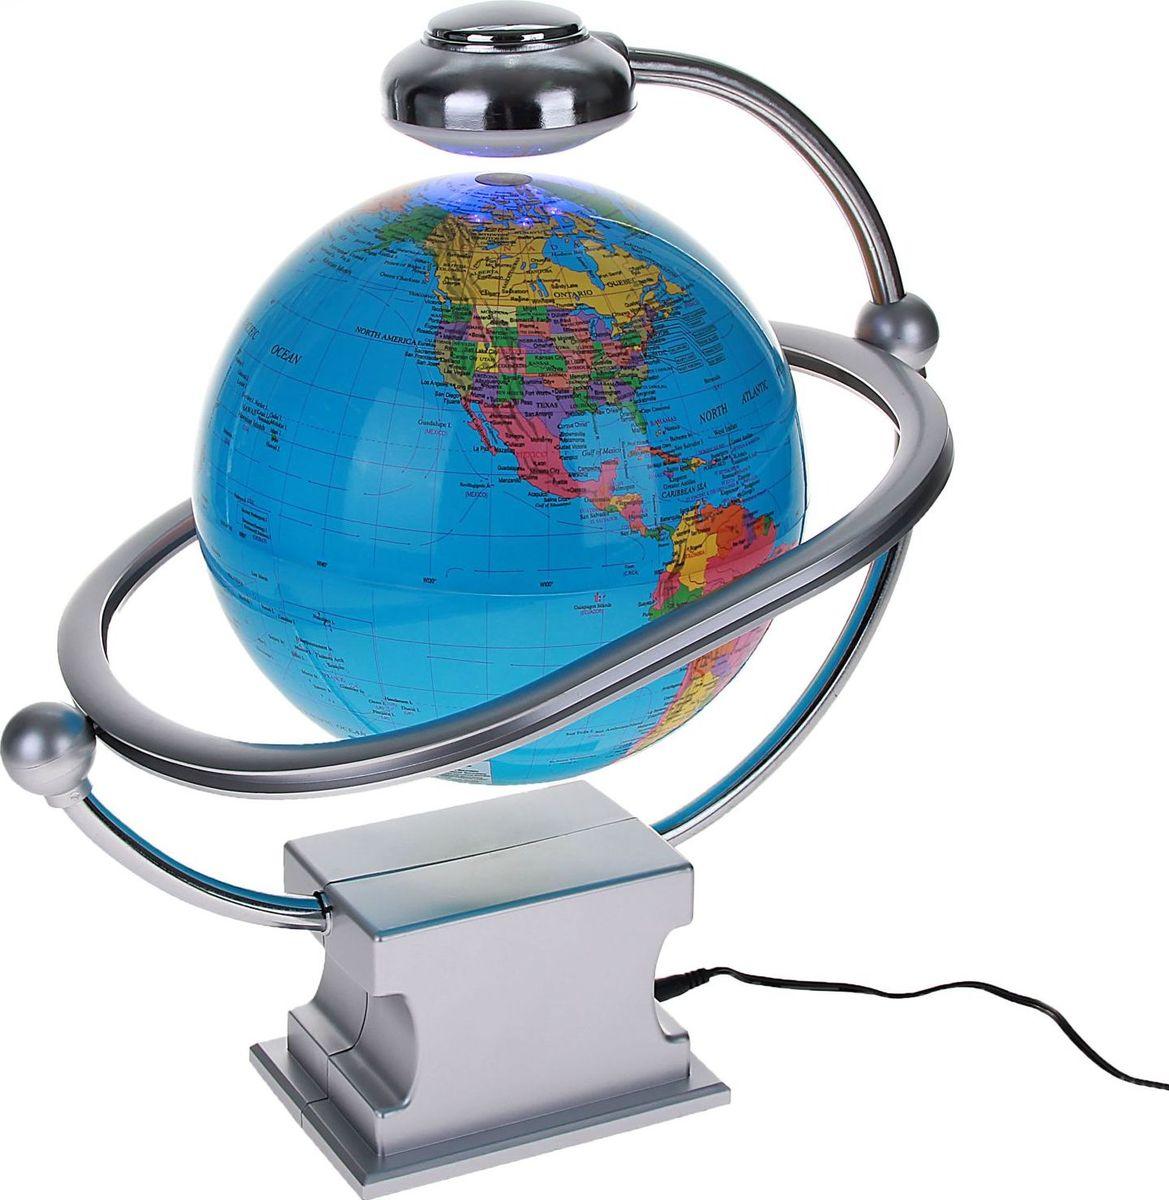 Глобус Политическая карта на английском языке цвет синий диаметр 20 см цвет синийFS-00897Глобус сувенирный на магнитном поле, d=20 см, h=36 см, с подсветкой, политическая карта, английский язык, 220 В, синий — это украшение рабочего места и кладезь полезной информации о Земле. С его помощью вы увидите полет планеты в миниатюре. Этот гаджет имеет еще несколько названий: антигравитационный, левитирующий или левитрон. Раскроем секрет этого чуда. В базу встроен электромагнит, а в шар — магнит с противоположным зарядом. В результате сфера зависает в воздухе и вращается вокруг своей оси. Особенности антигравитационного глобуса Поворачивайте шар, пока он парит в воздухе. Это снимает нервное напряжение и помогает отвлечься от рутинной работы. Оригинальная задумка станет вашим источником вдохновения во время умственного процесса.